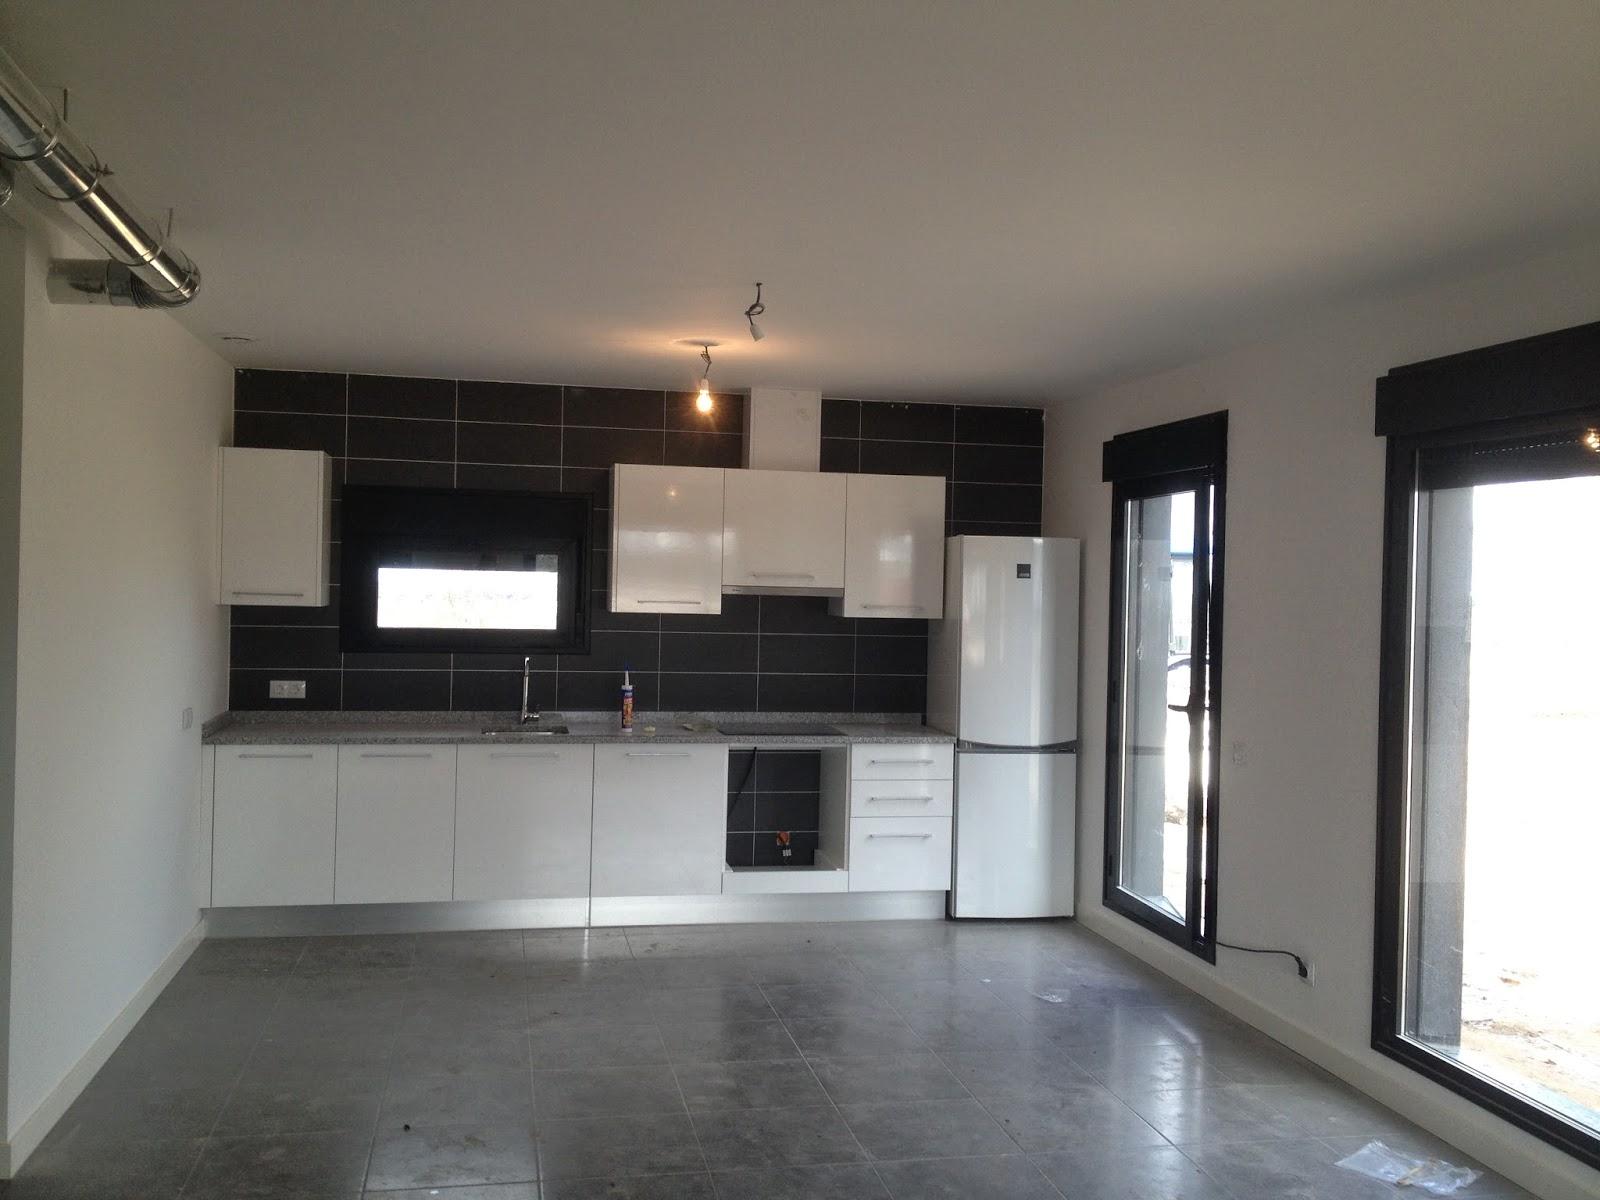 Qu es la construcci n en seco para interiores modulares for Interiores de viviendas